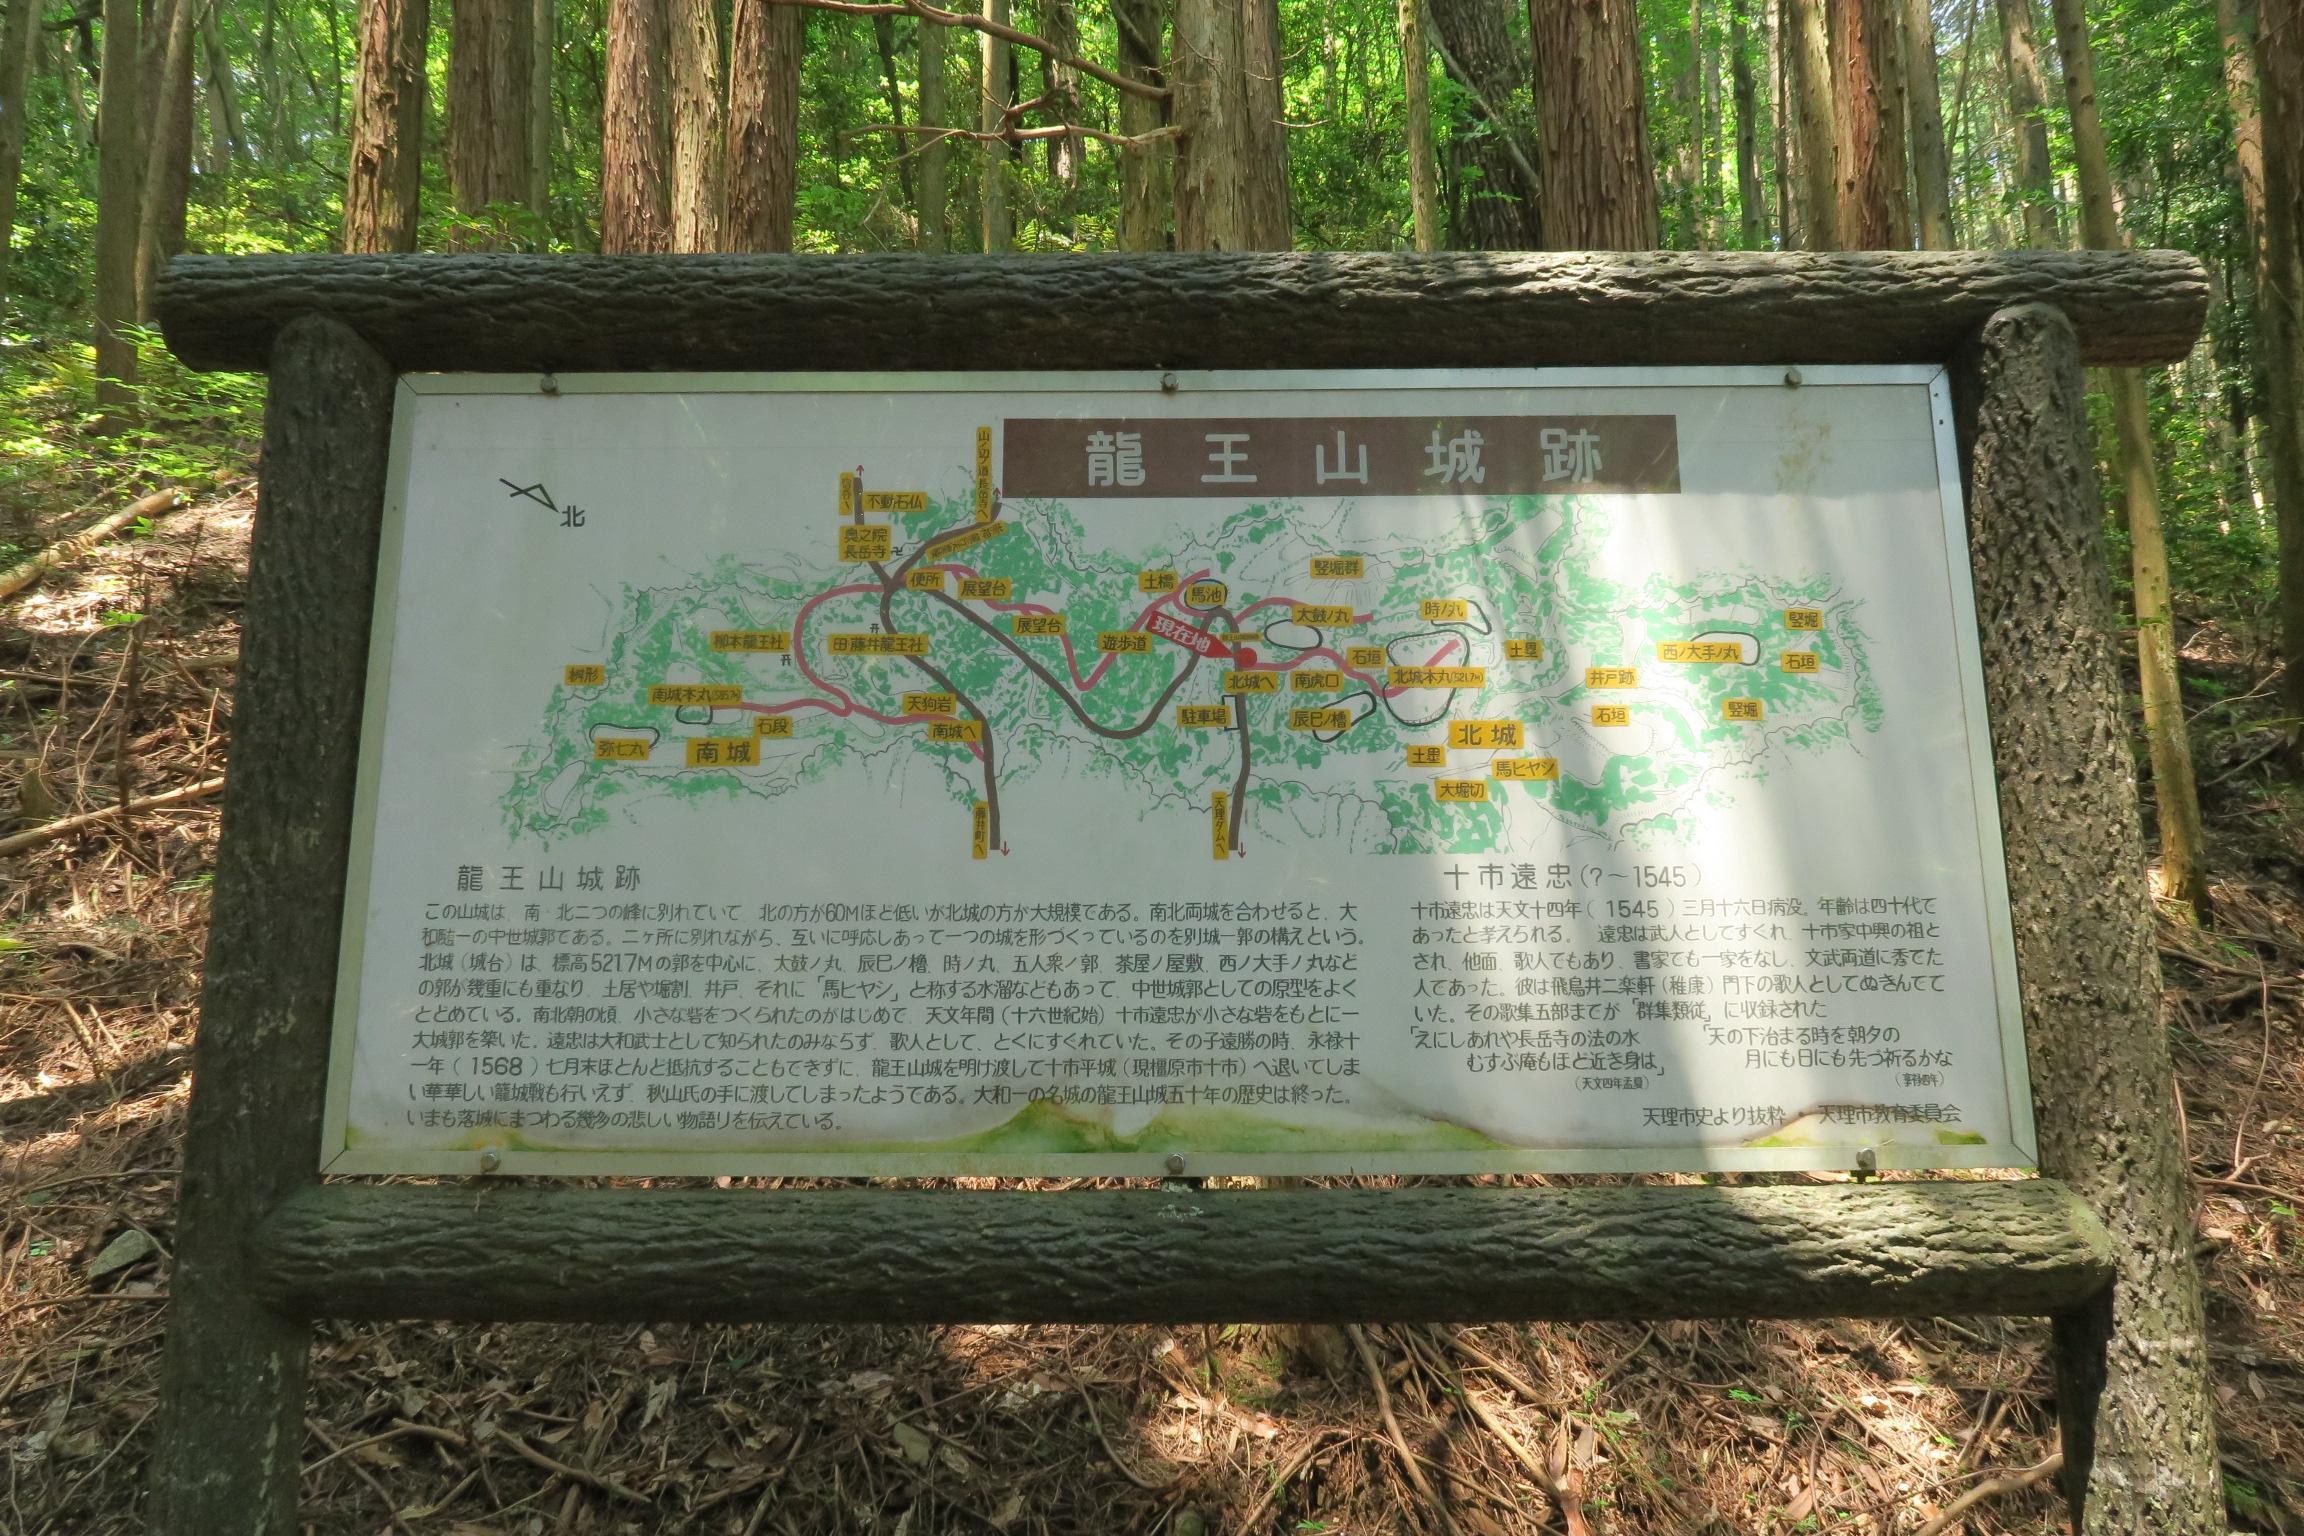 竜王山城の見取図。規模は南北1.2kmもある大きな城跡です。